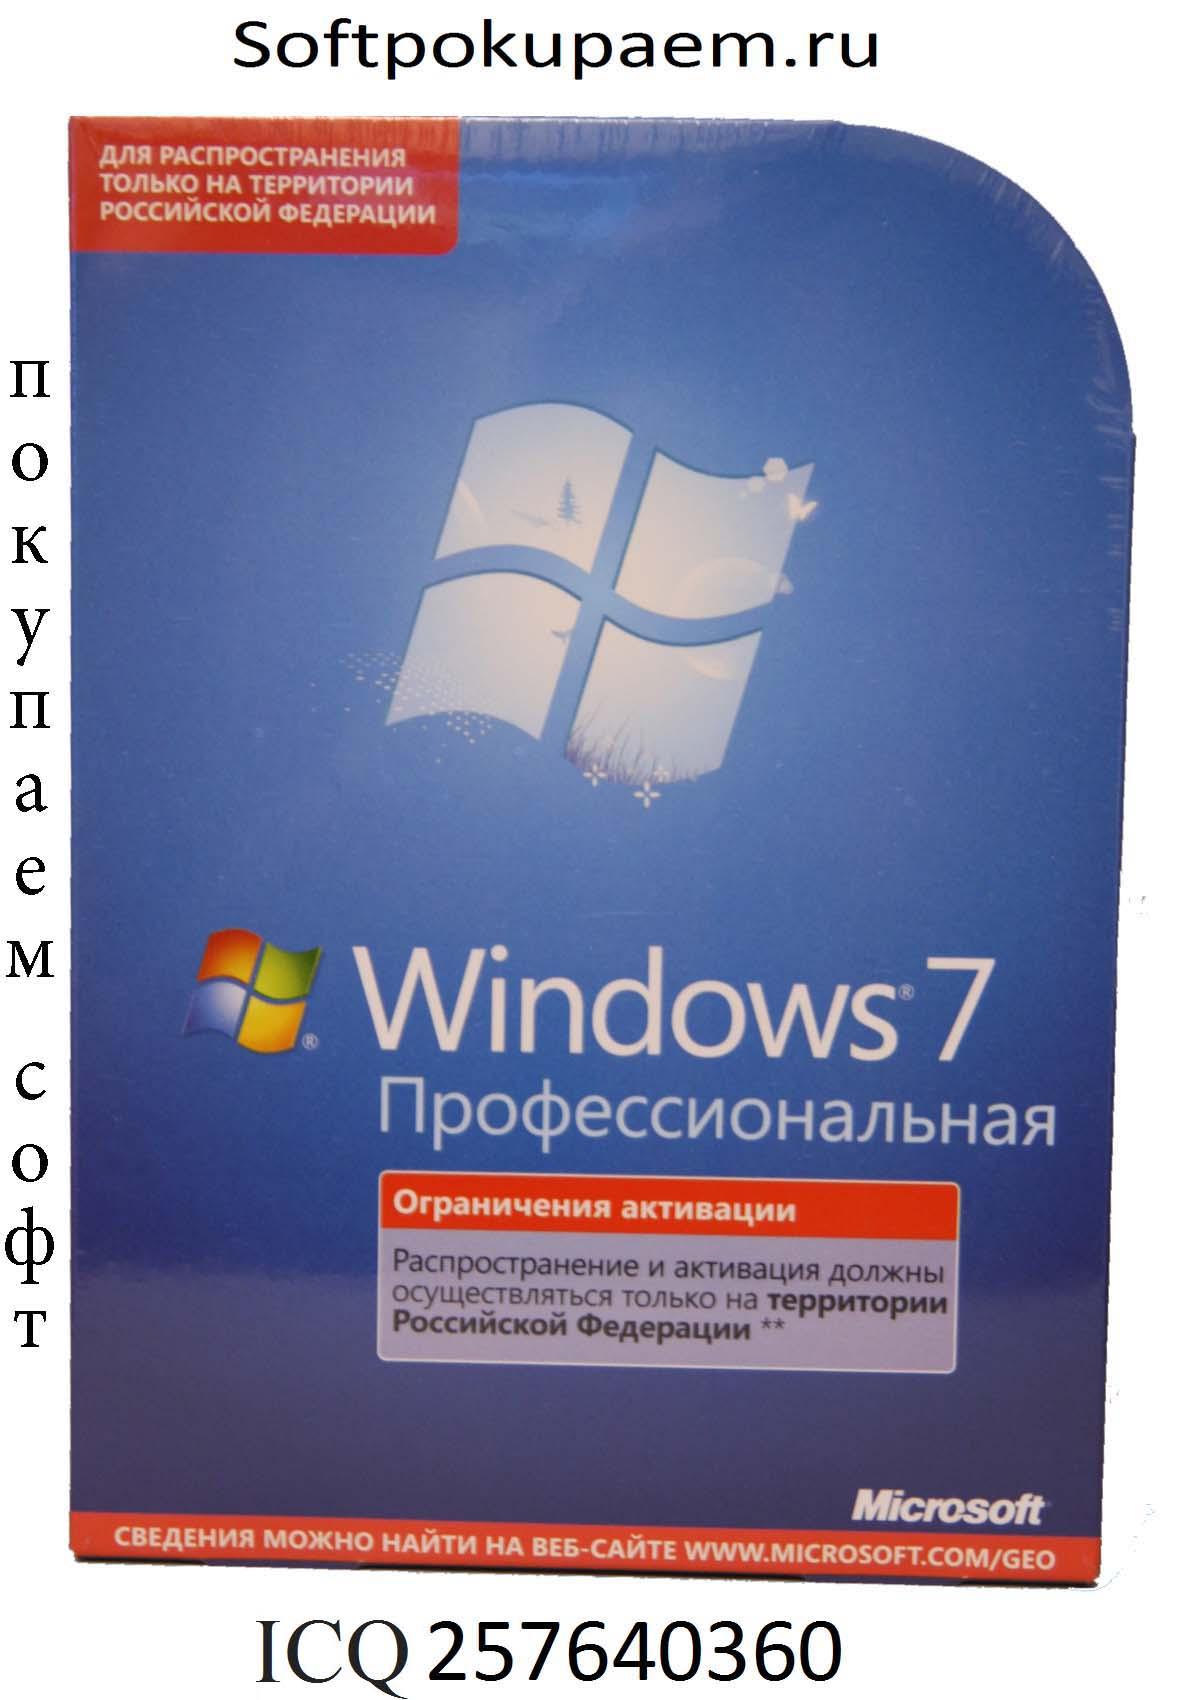 Microsoft (Майкрософт) купим дорого +7(963)645-62-73